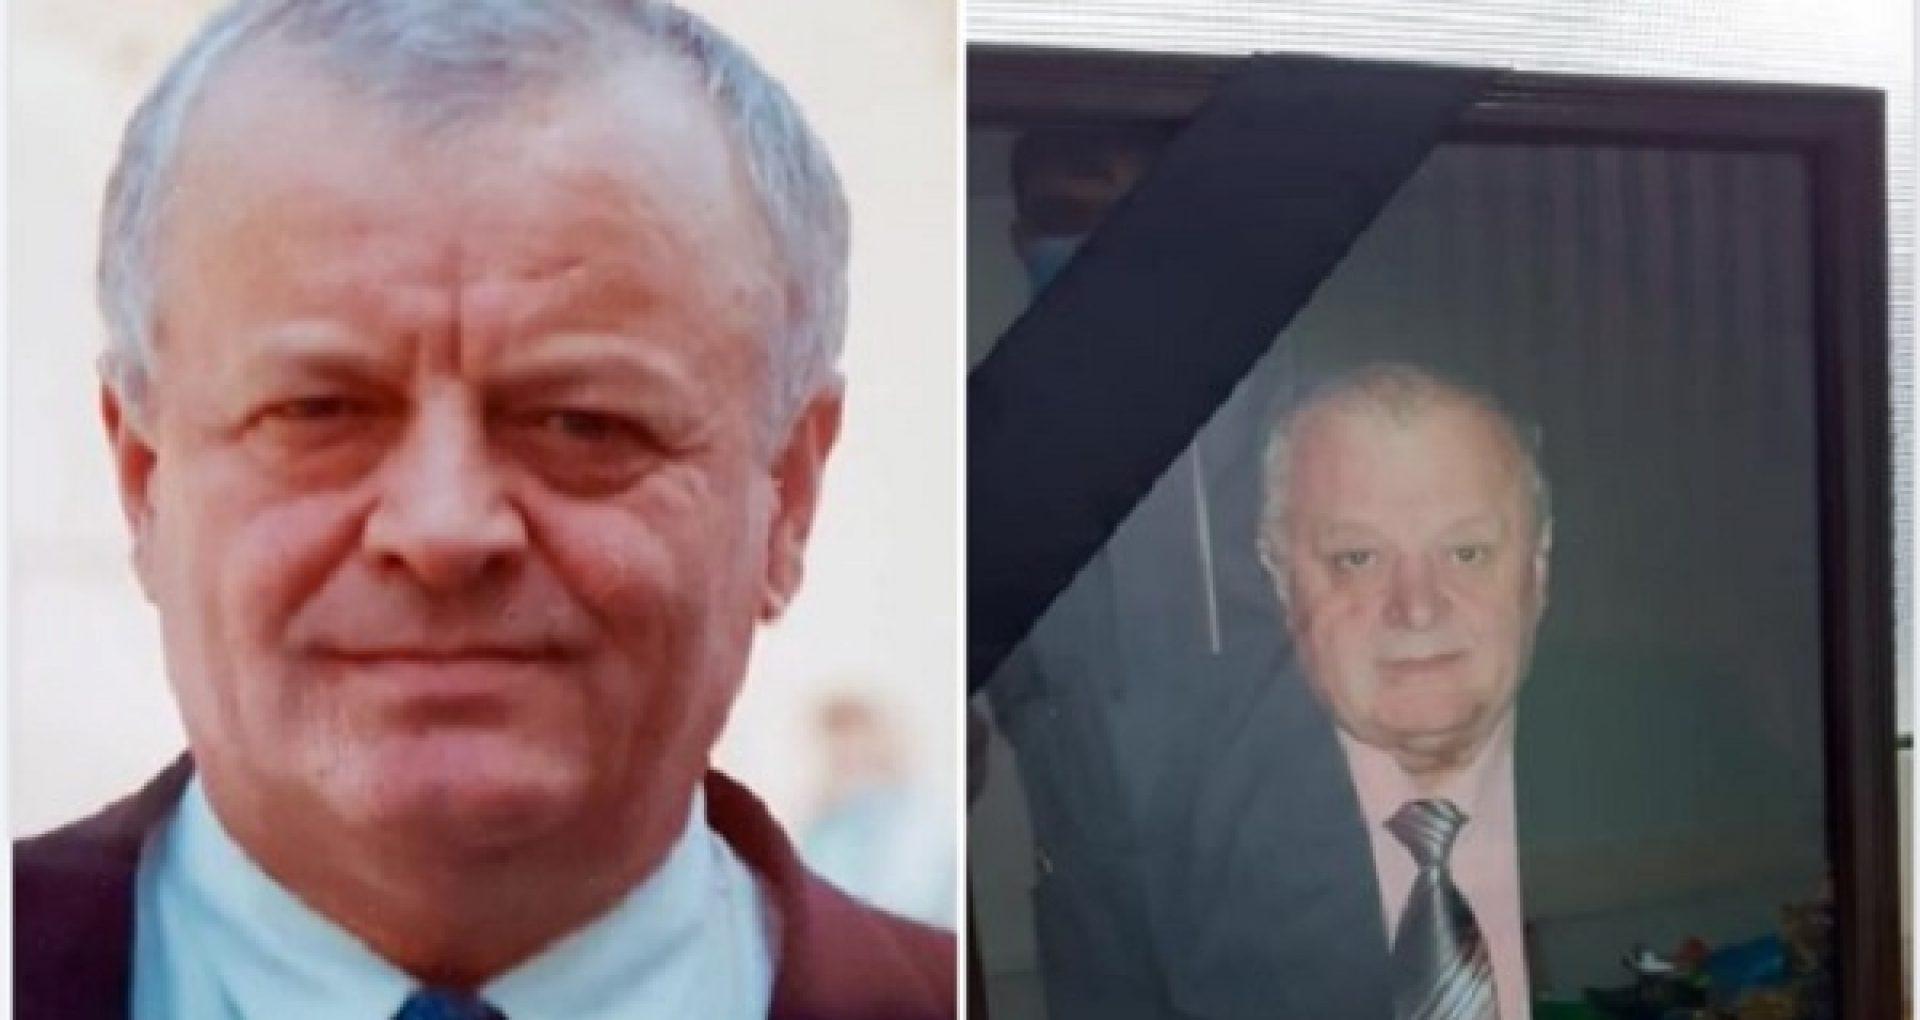 Nicolae Glavan, medic din cadrul Institutului de Medicină Urgentă și tatăl deputatei Ruxanda Glavan, a decedat